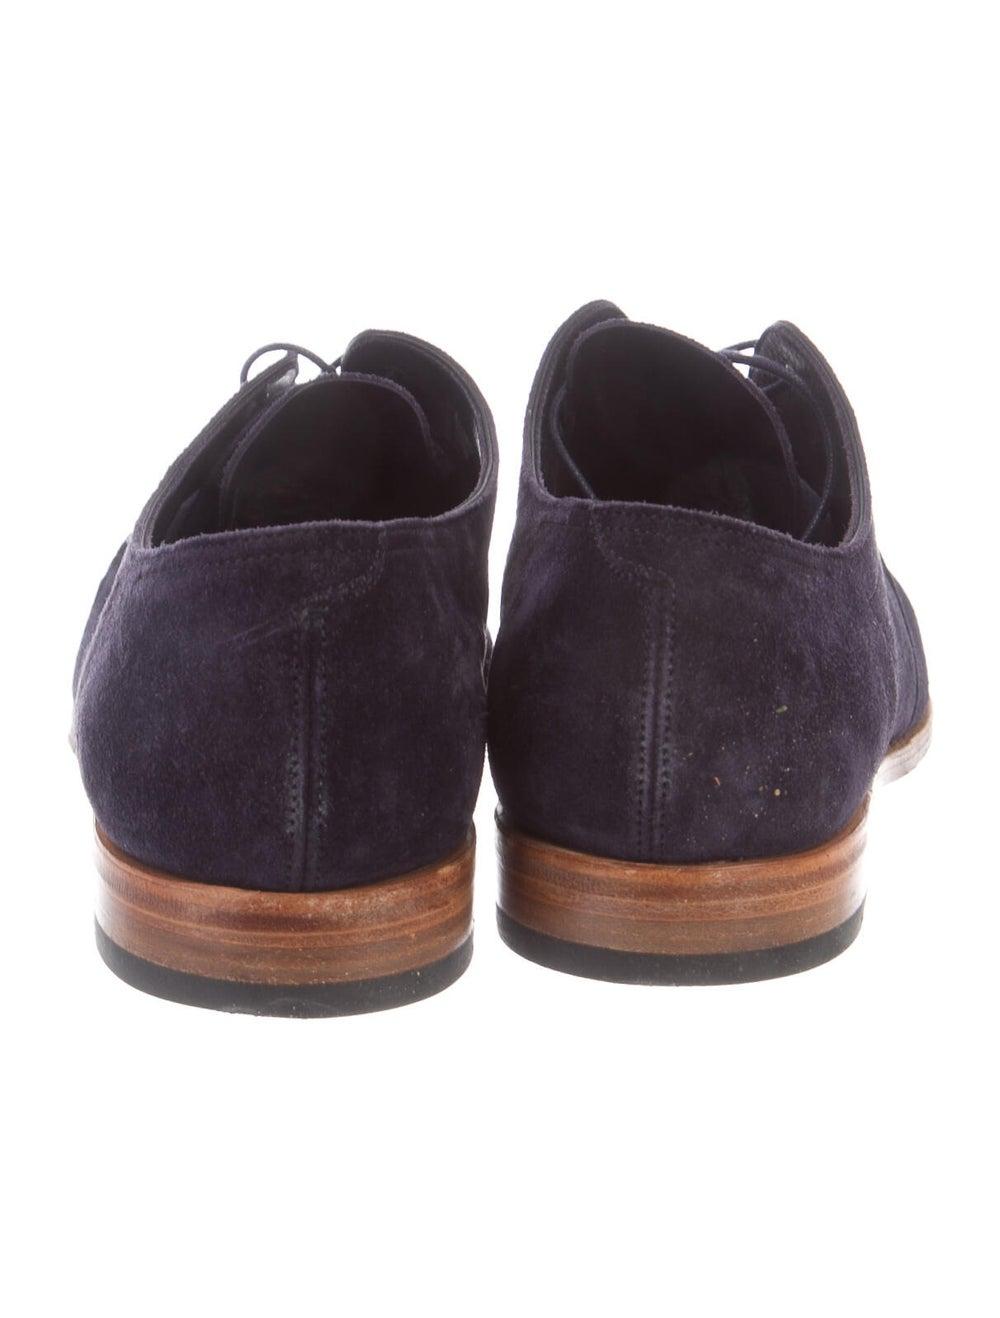 John Lobb Suede Derby Shoes Blue - image 4